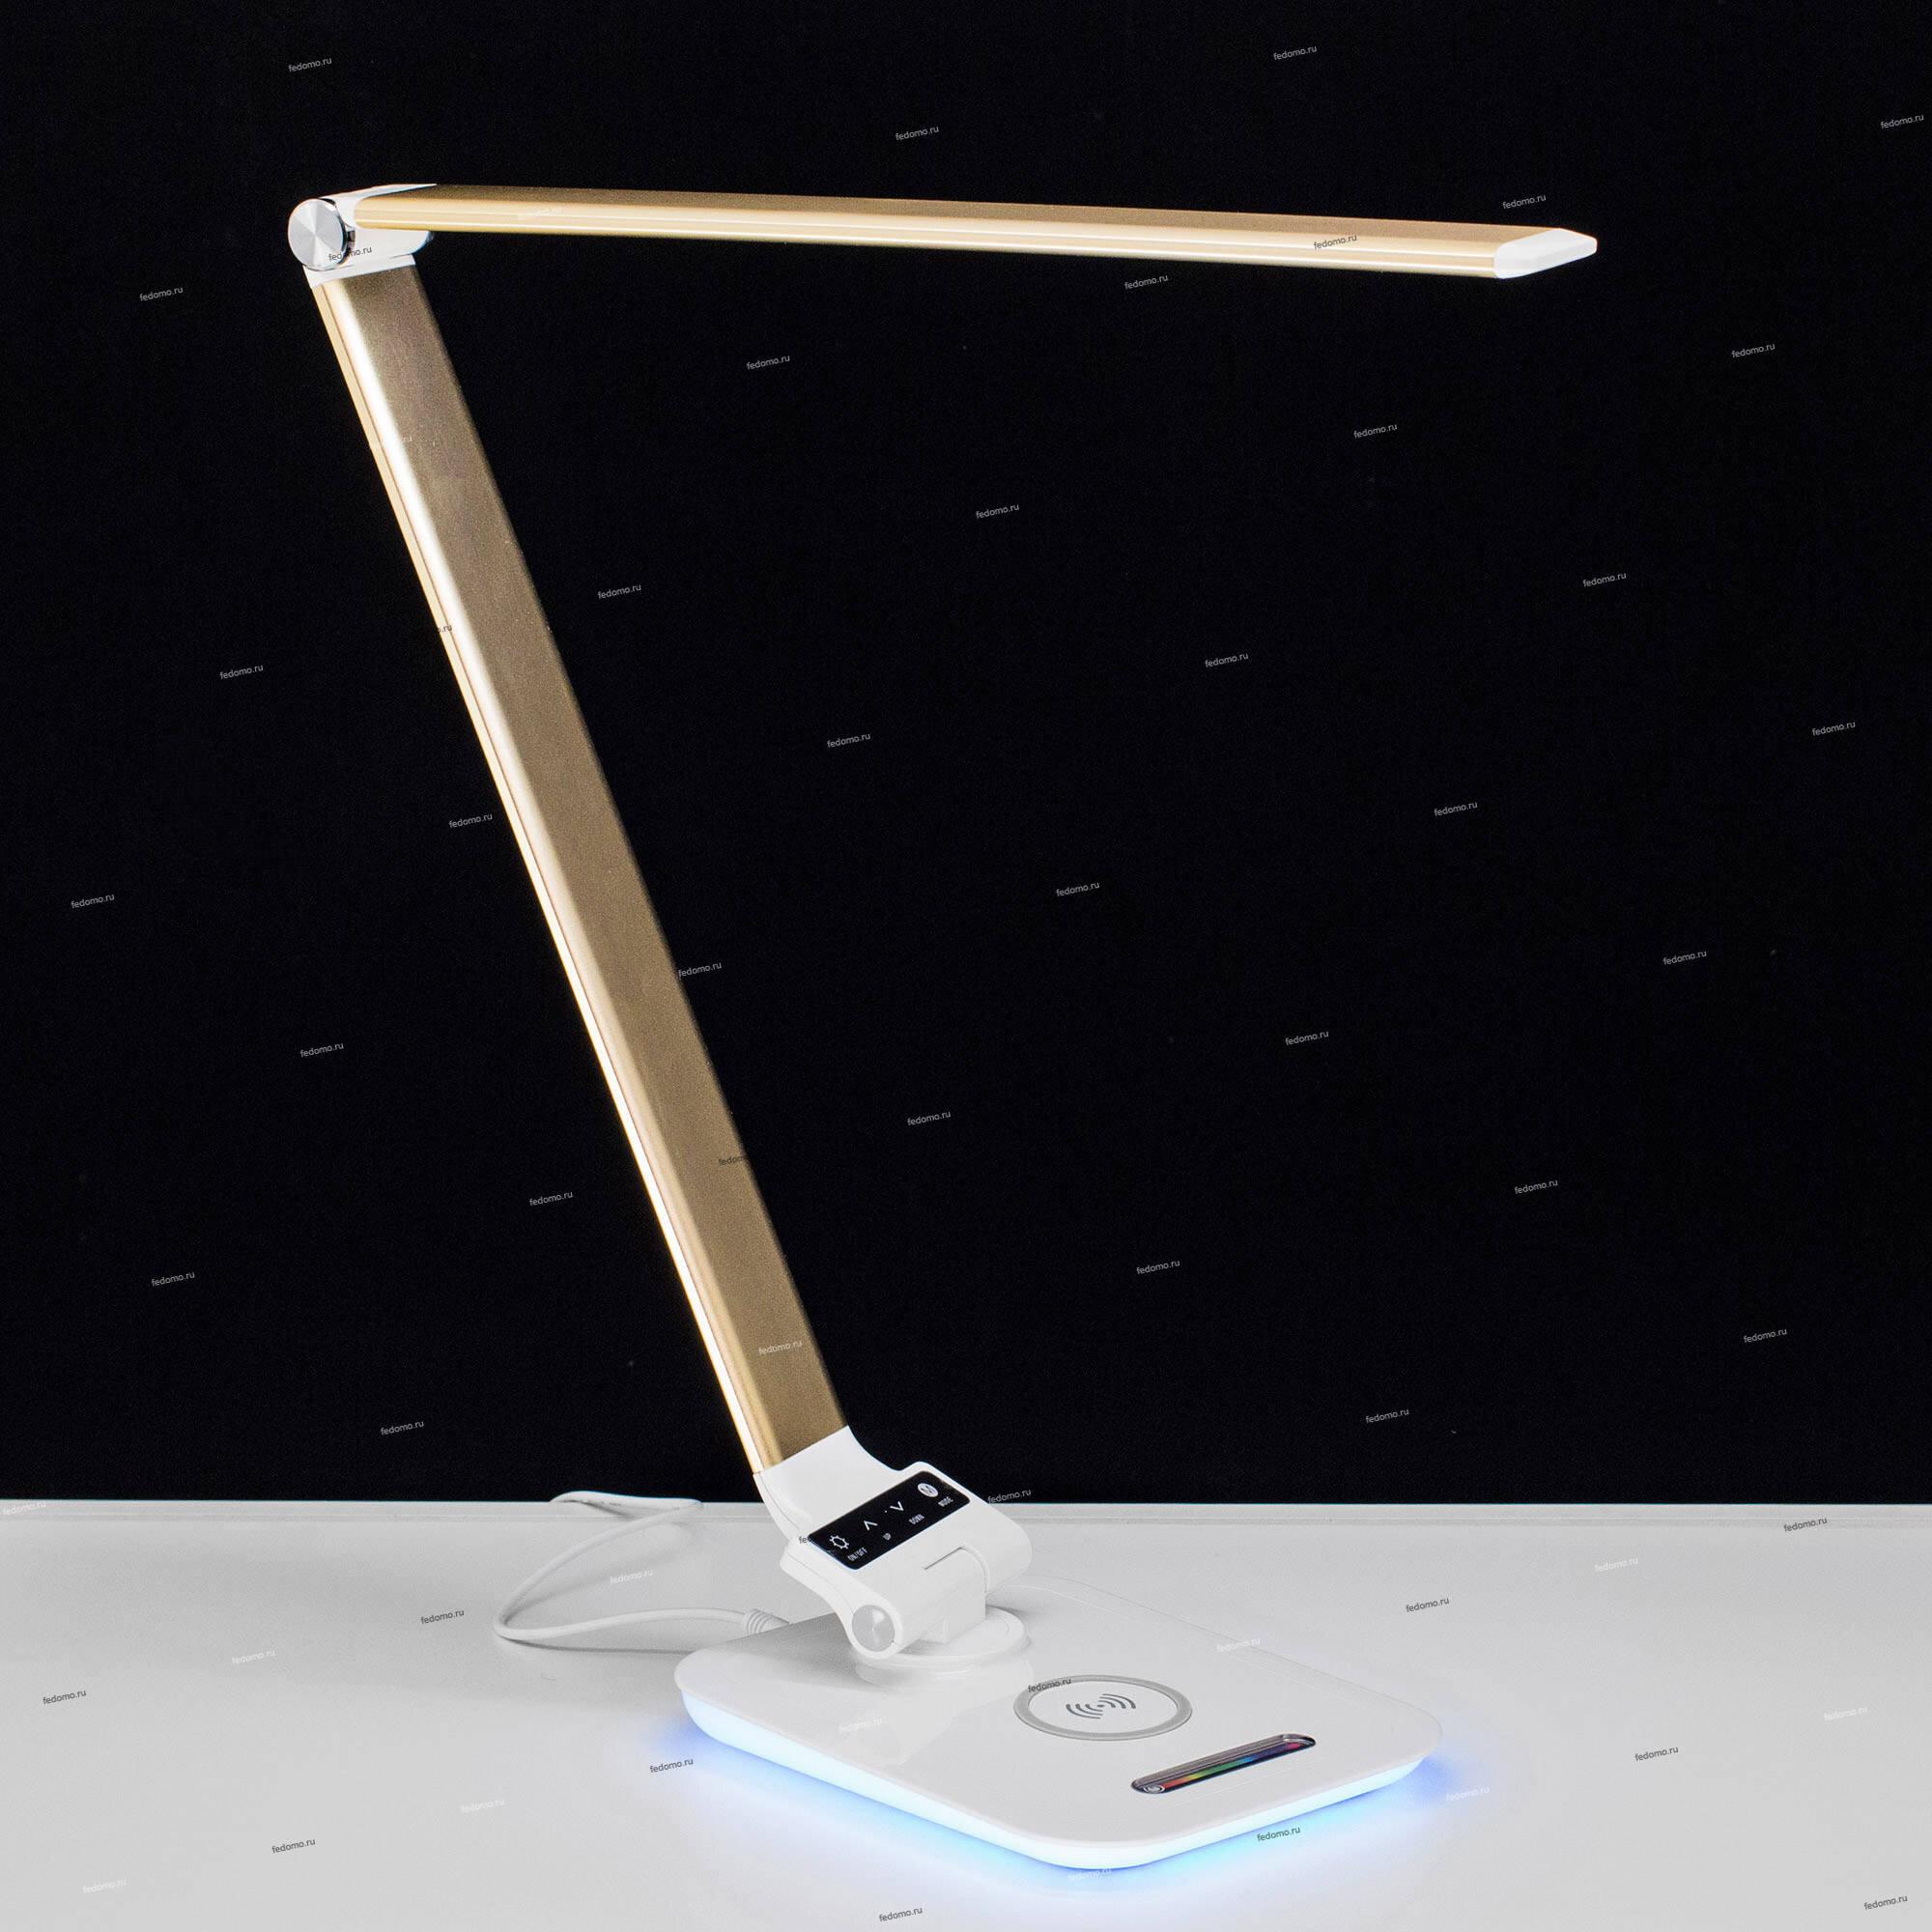 Офисная настольная лампа светодиодная складываемая с регулировкой высоты, RGB, с беспроводным ЗУ, с USB-портом и с сенсорным выключателем золотистая Citilux Ньютон CL803012